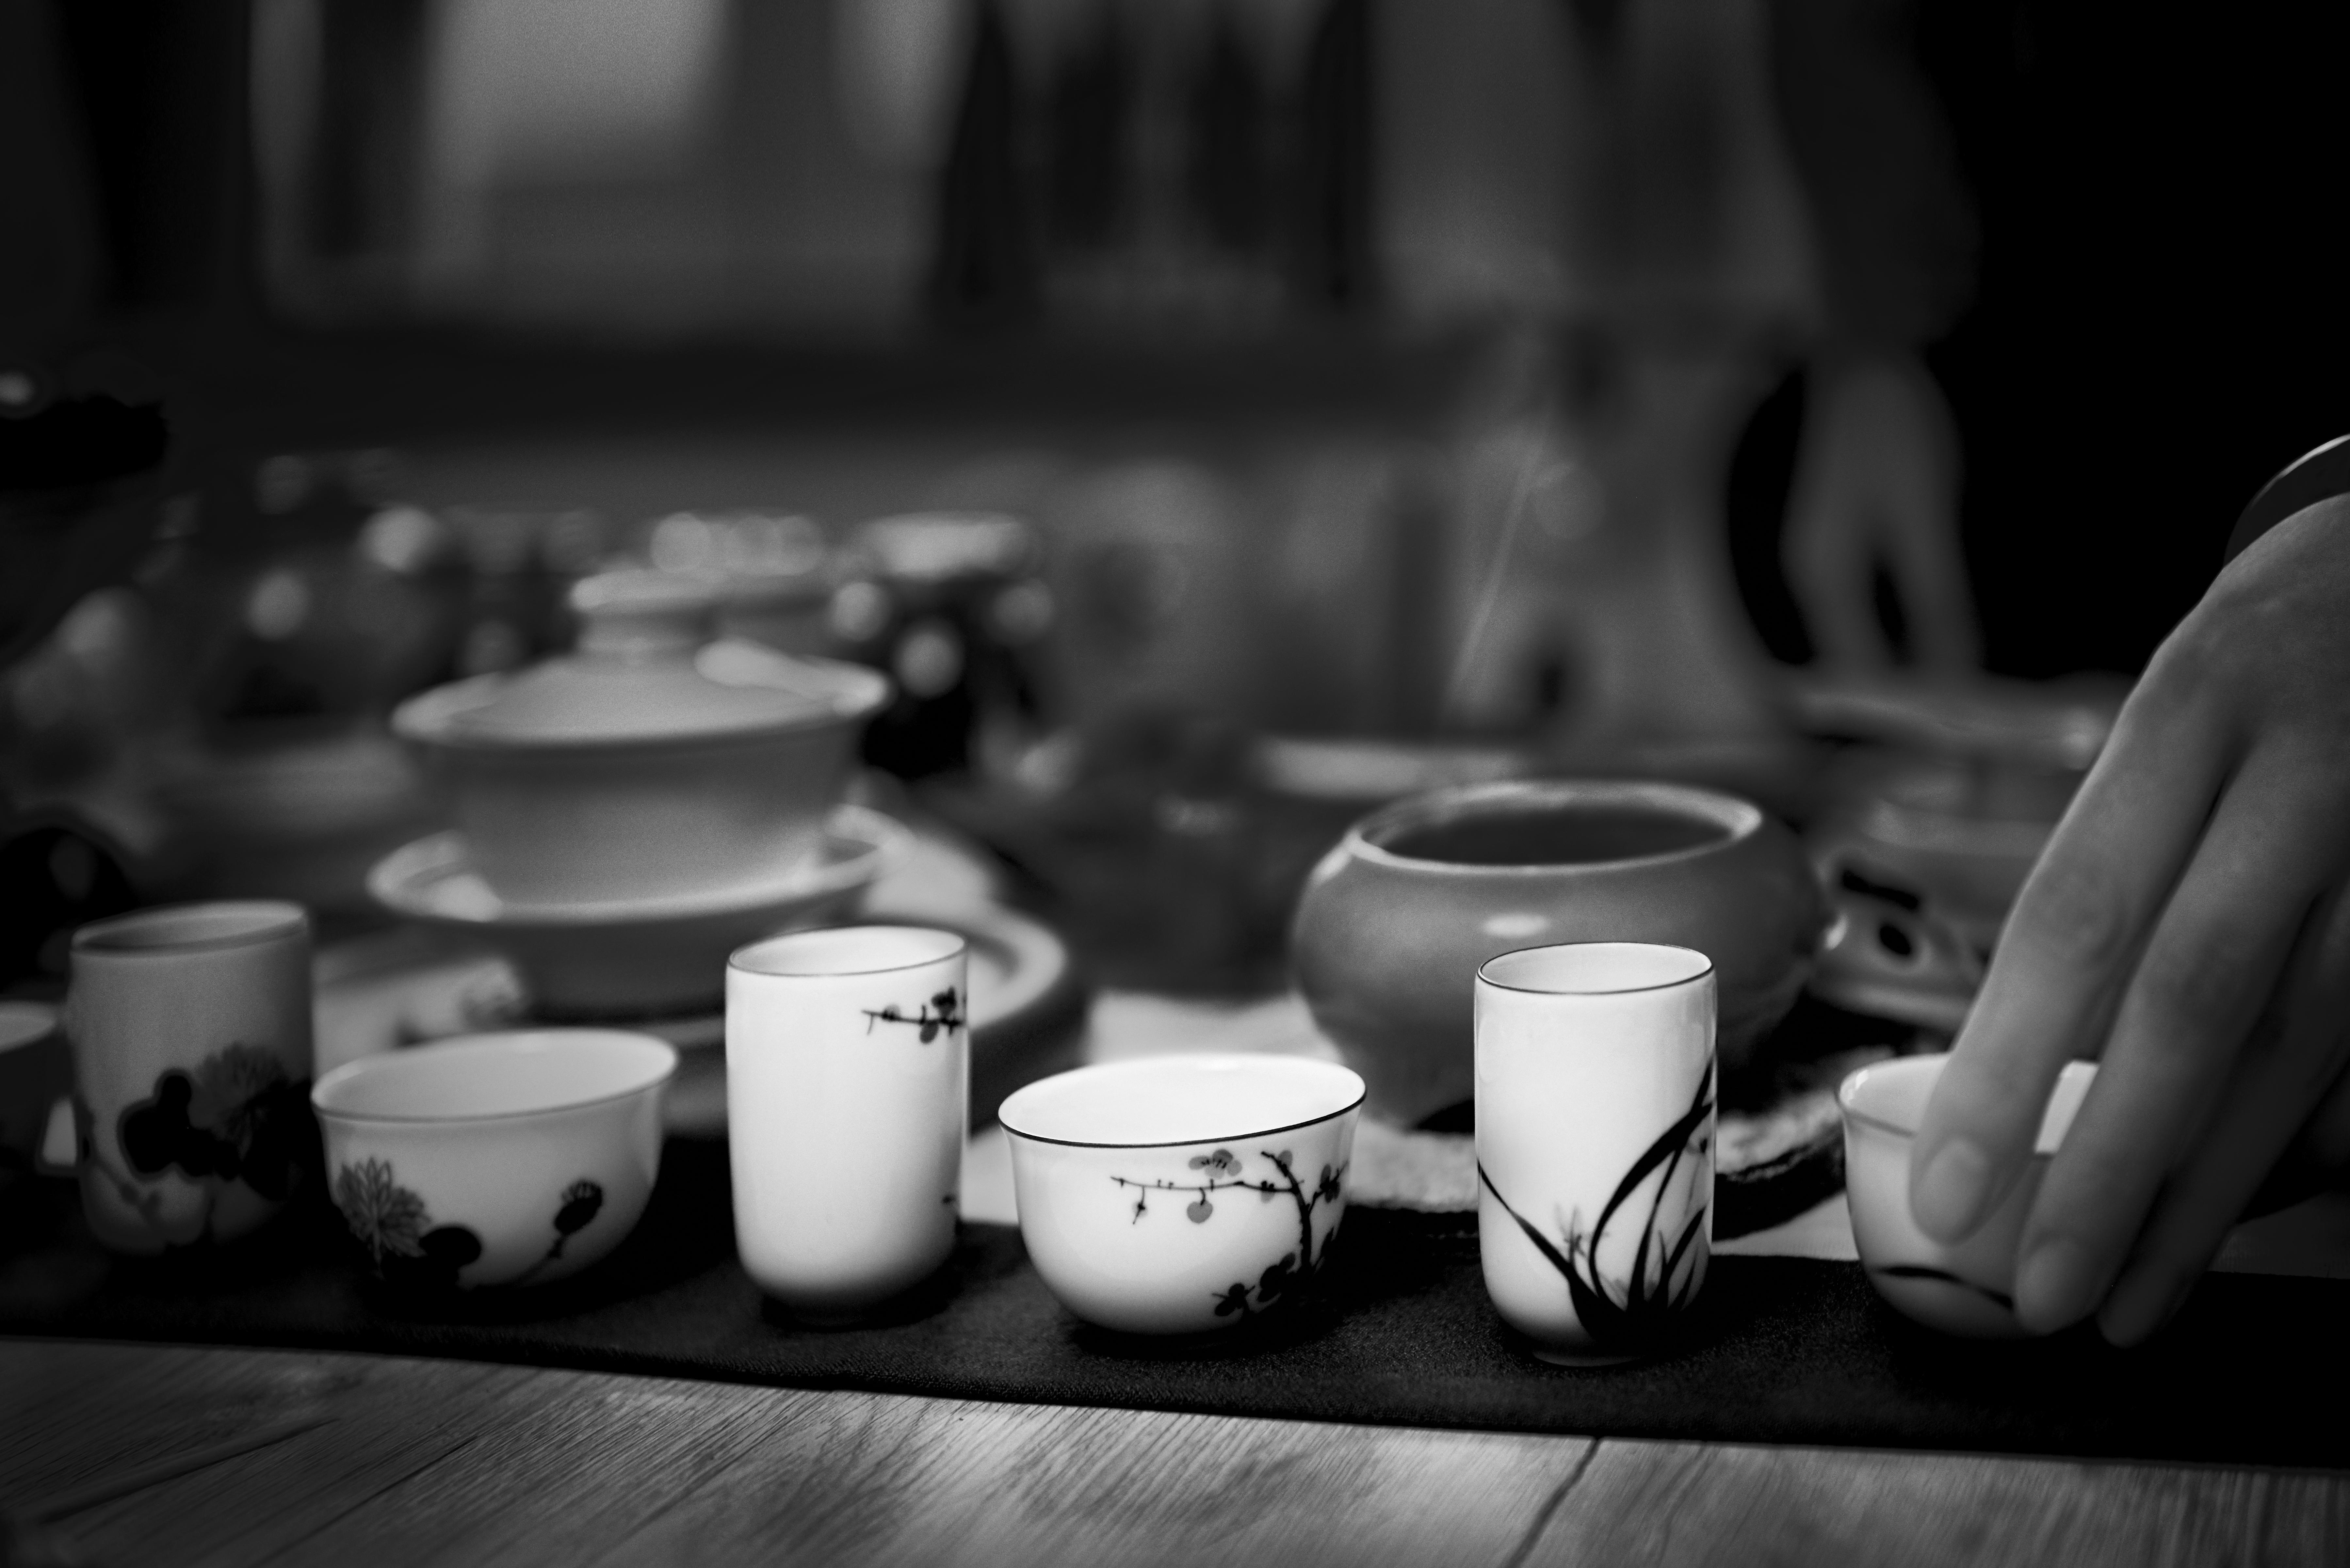 https://shop.liu-tea-art.com/wp-content/uploads/2019/03/DSC7548.jpg